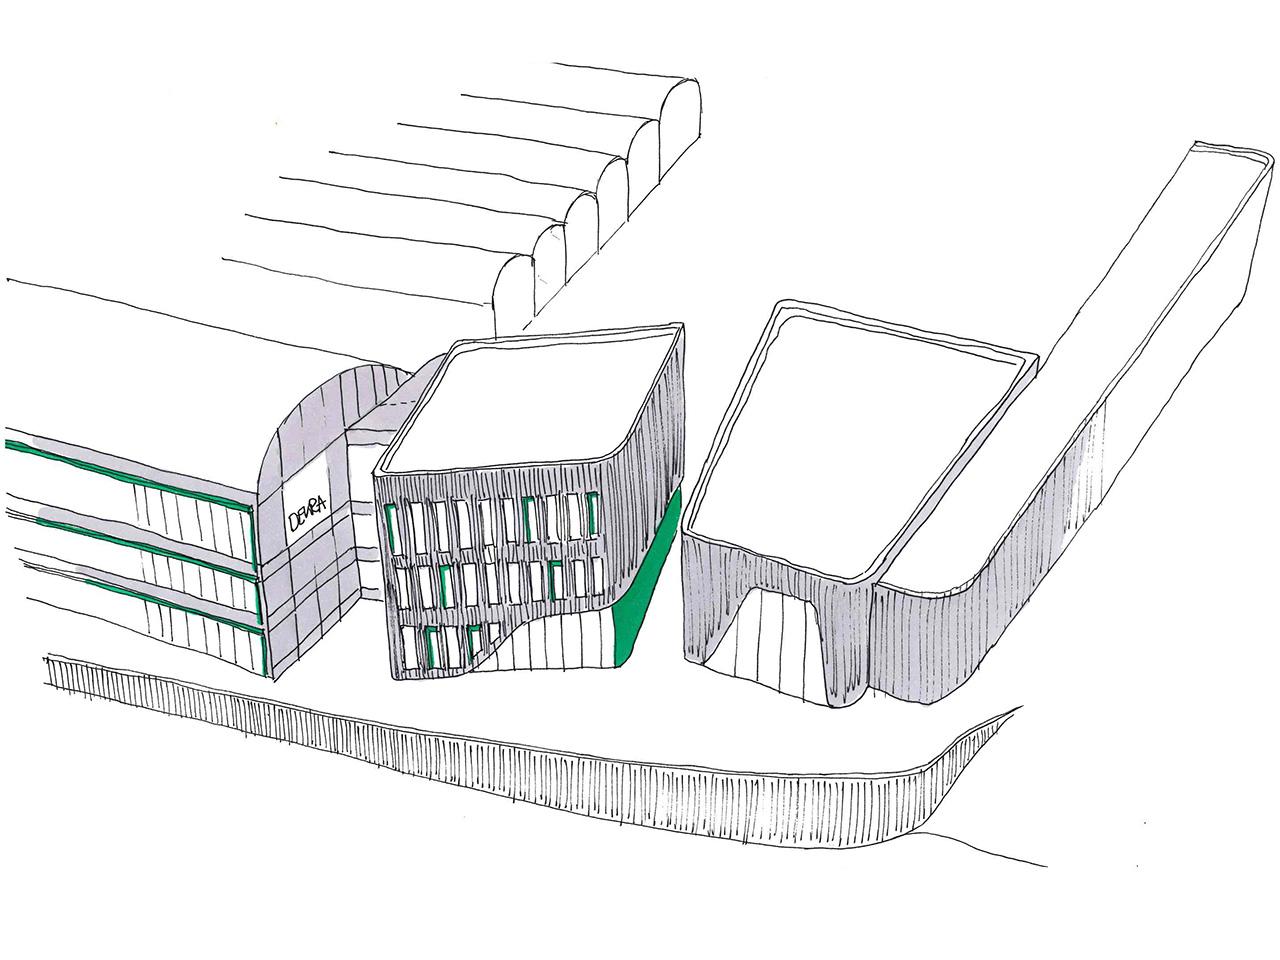 Entwurf zur Erweiterung der DEKRA NL in Chemnitz